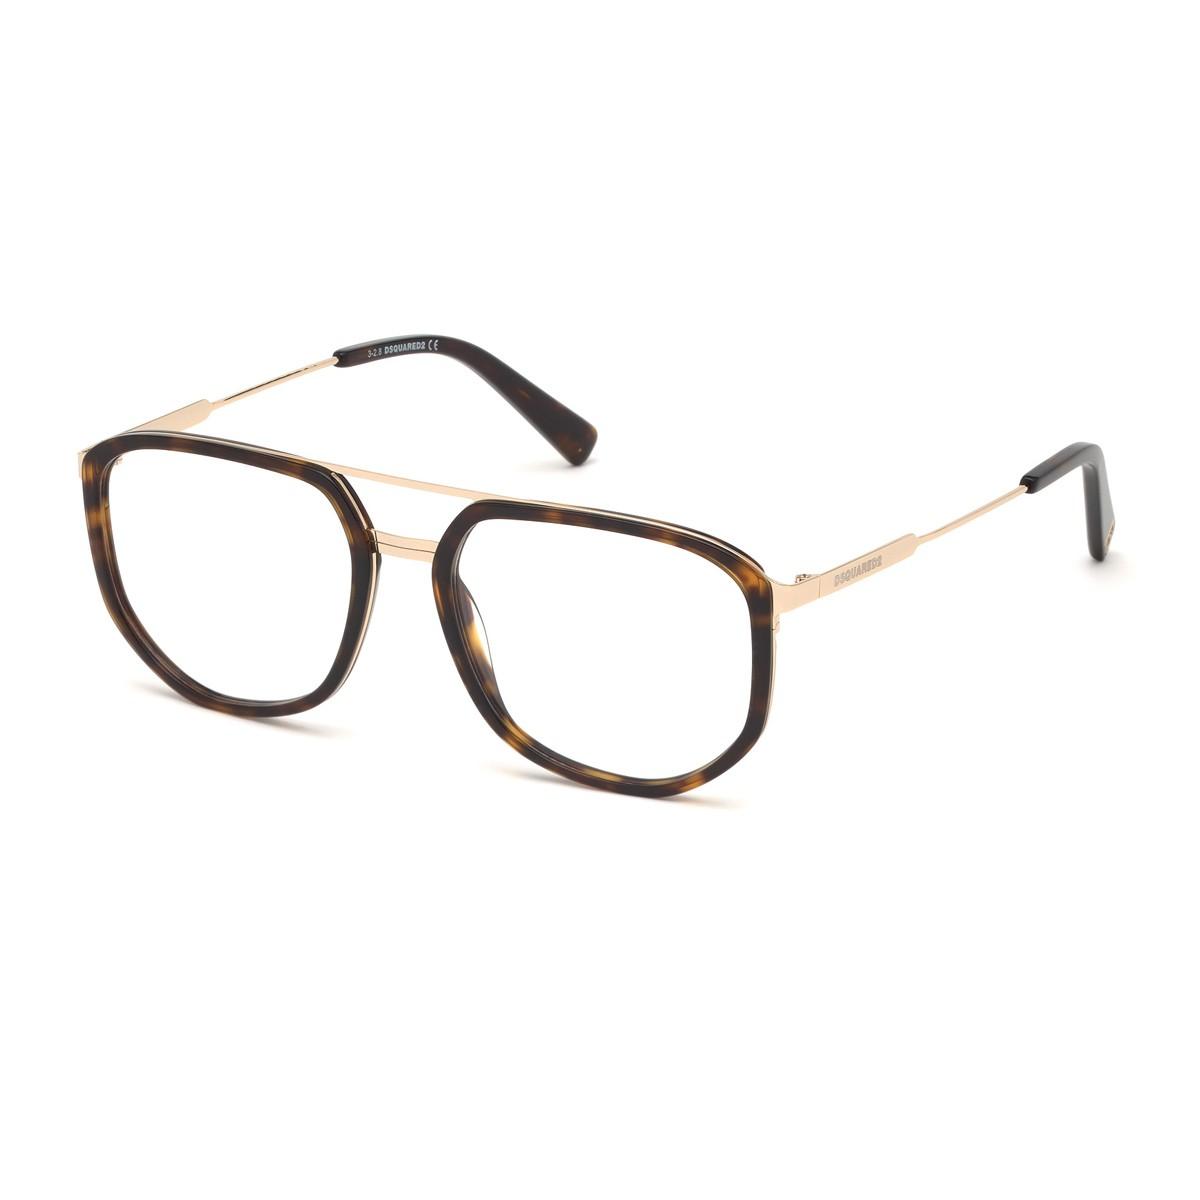 Dsquared2 DQ5294 | Occhiali da vista Uomo